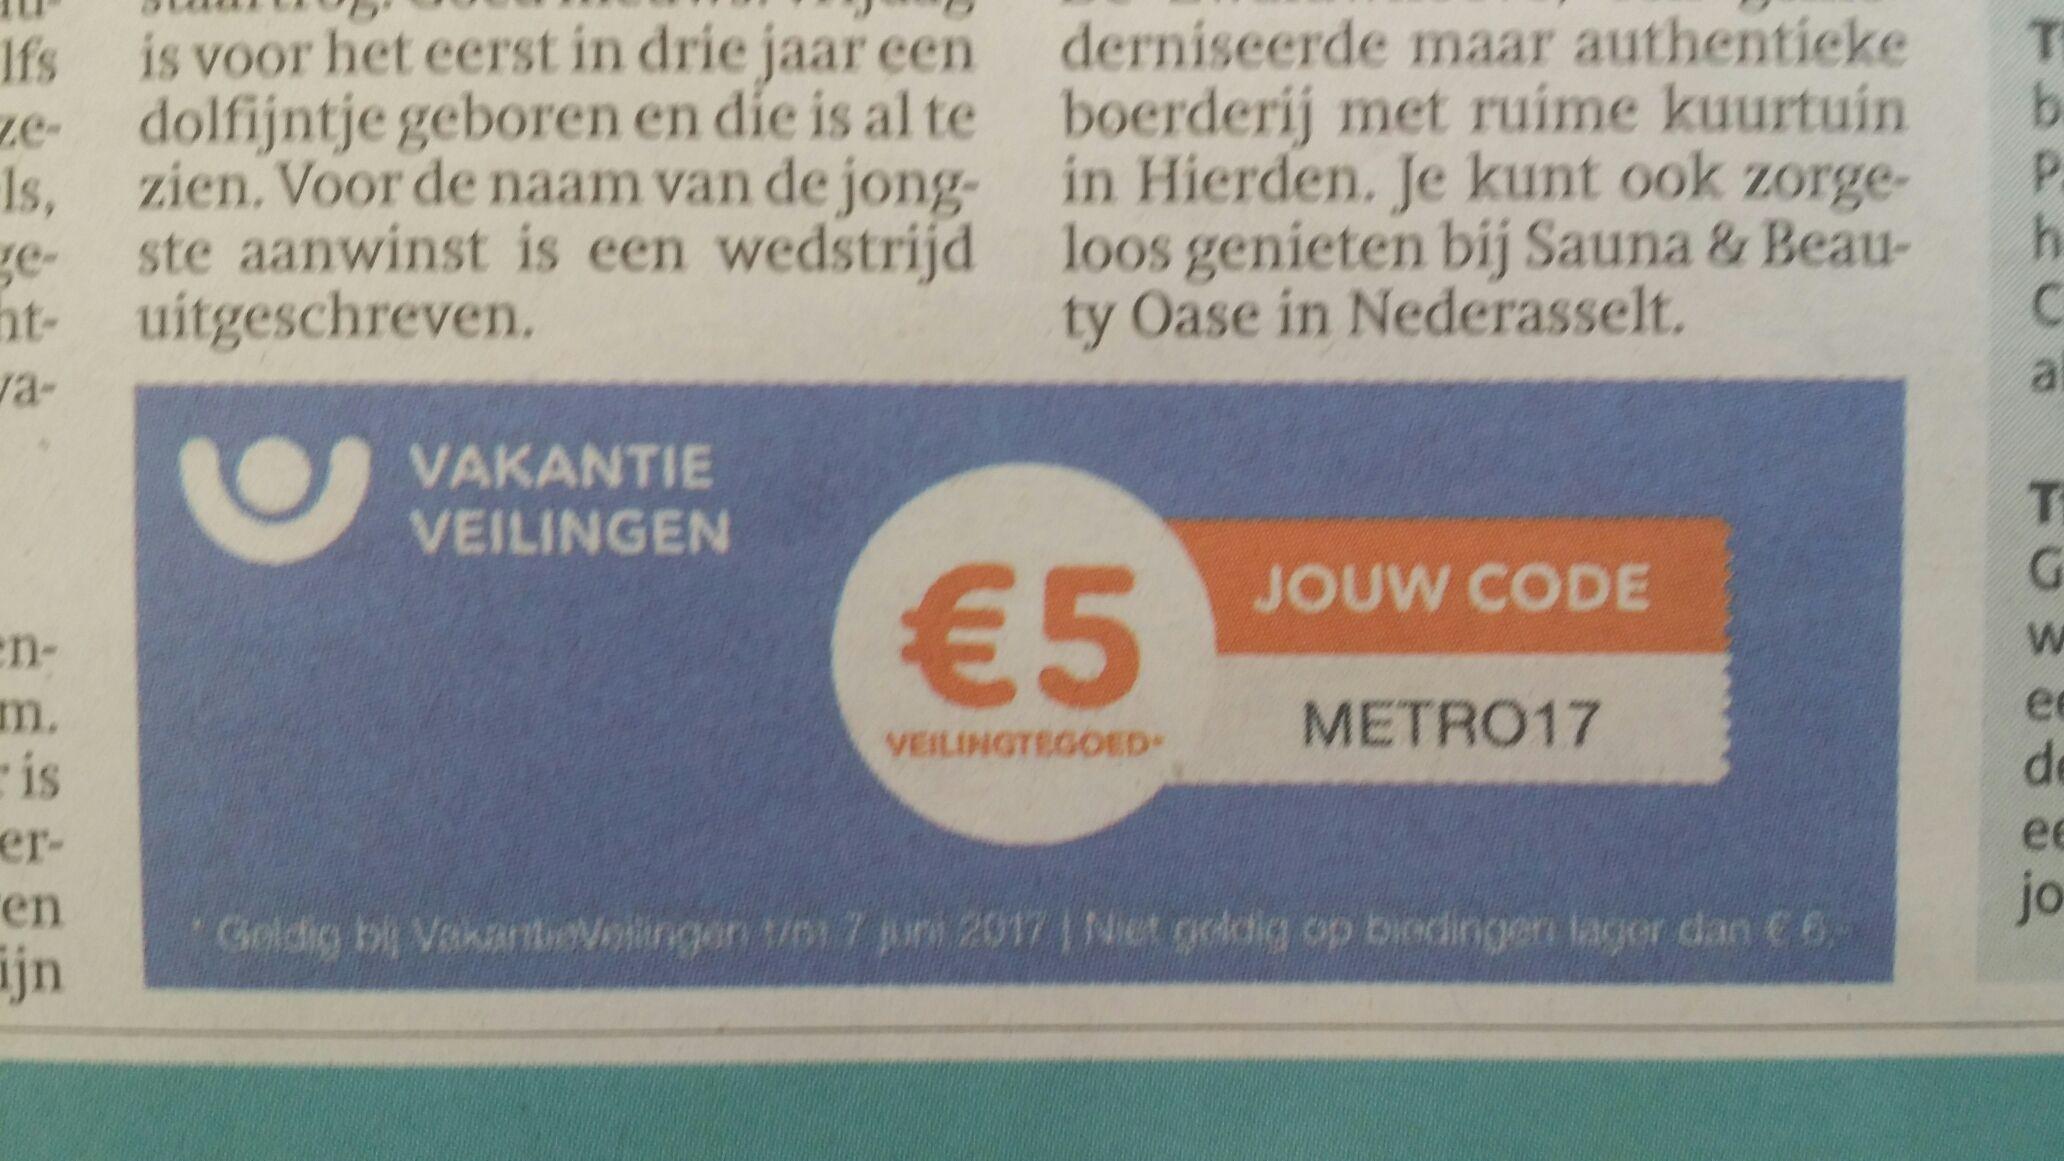 €5 euro veilingstegoed bij vakantieveilingen.nl